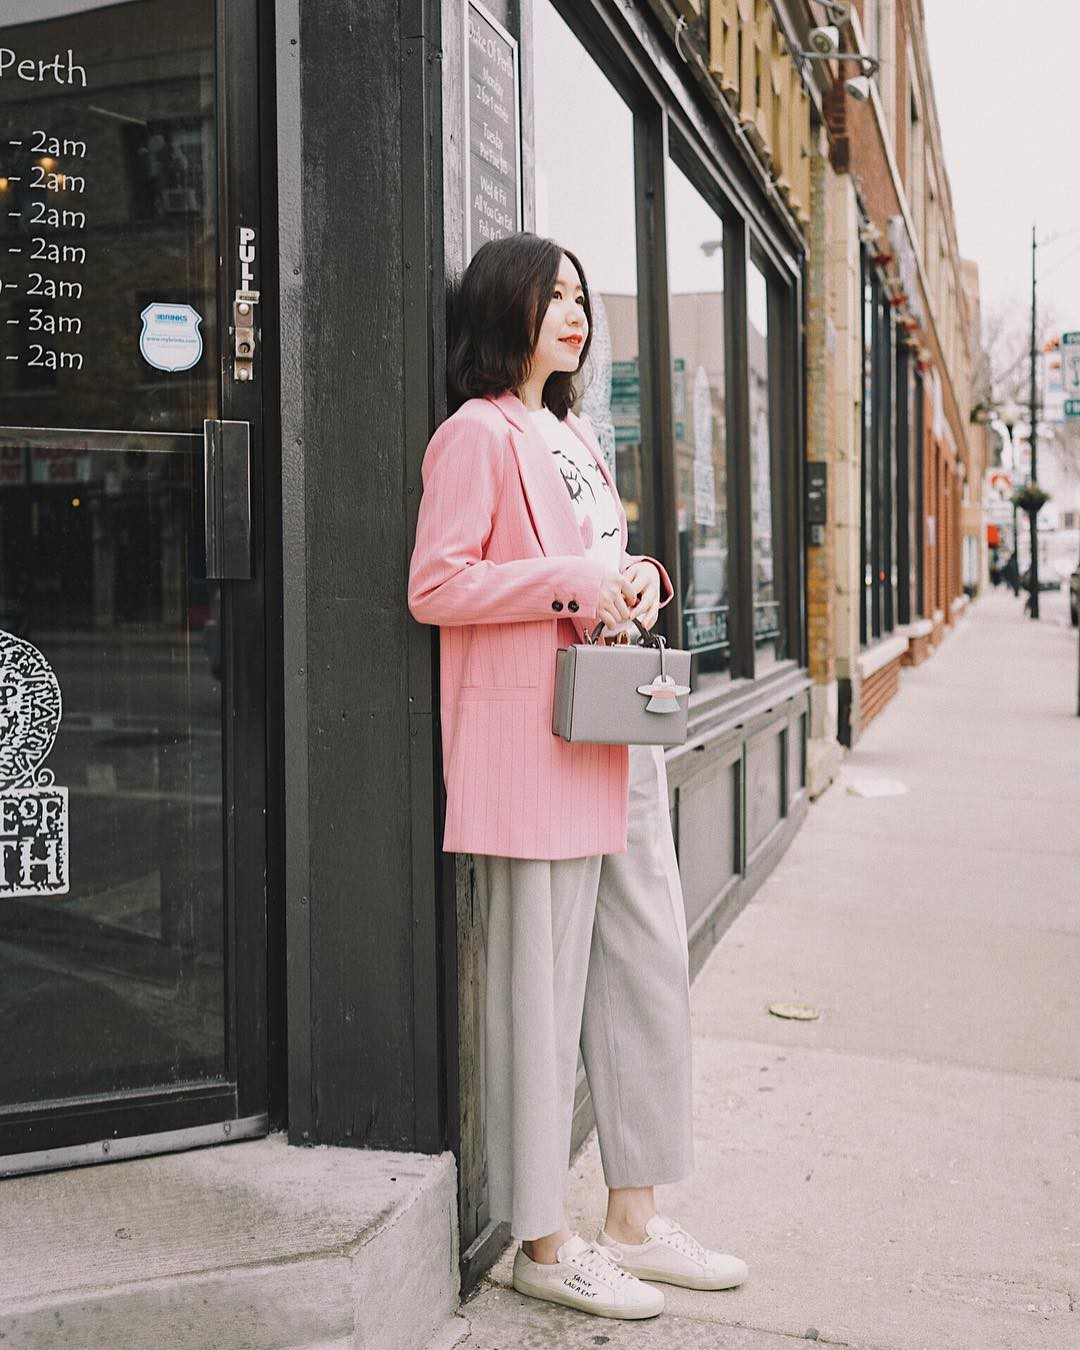 Nếu thấy style công sở của mình hơi 'dừ' và cứng nhắc thì đây là 5 tips diện đồ giúp các nàng ăn gian tuổi đáng kể - 12